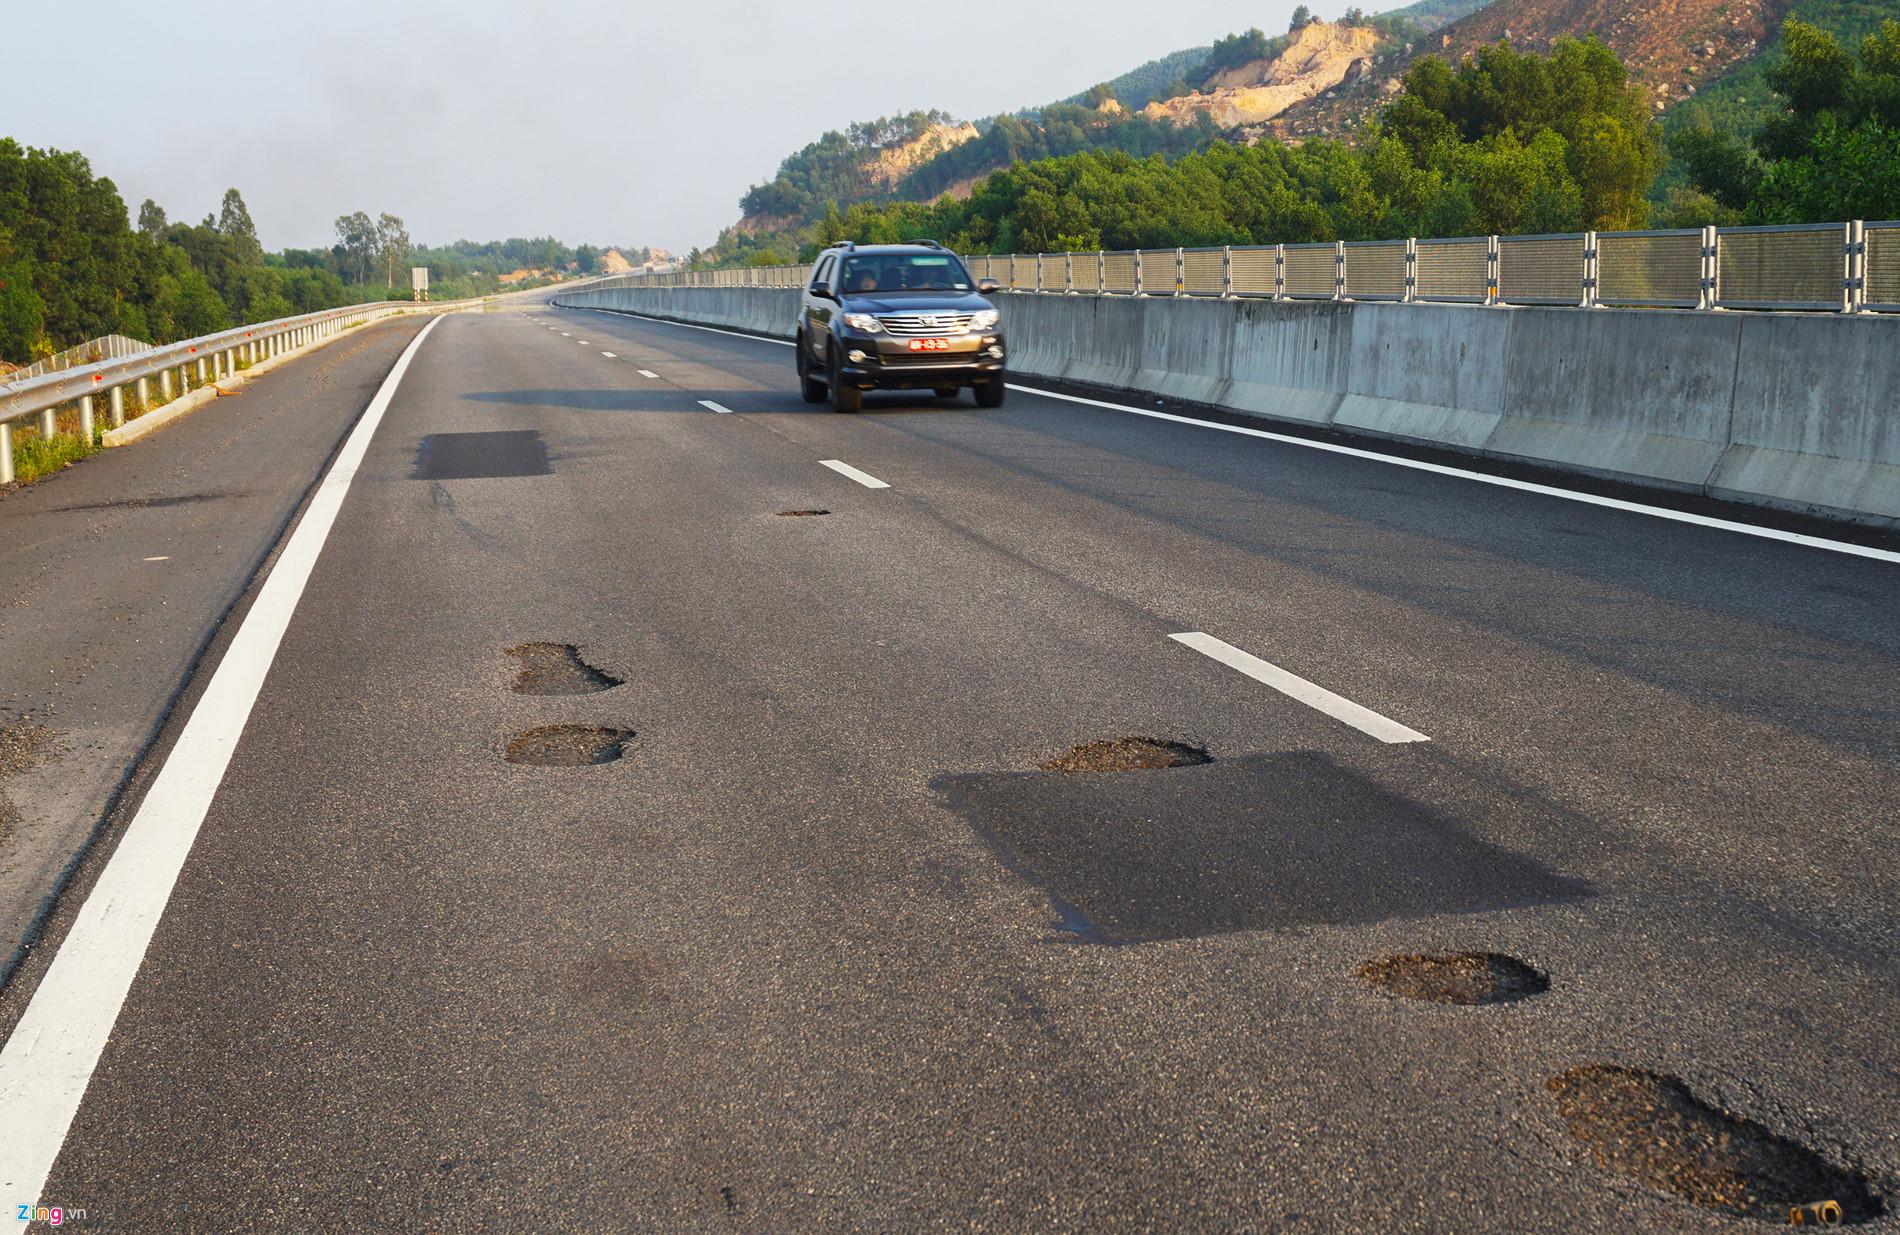 Cao tốc Đà Nẵng - Quảng Ngãi: Con đường tỷ đô và dấu hỏi trách nhiệm